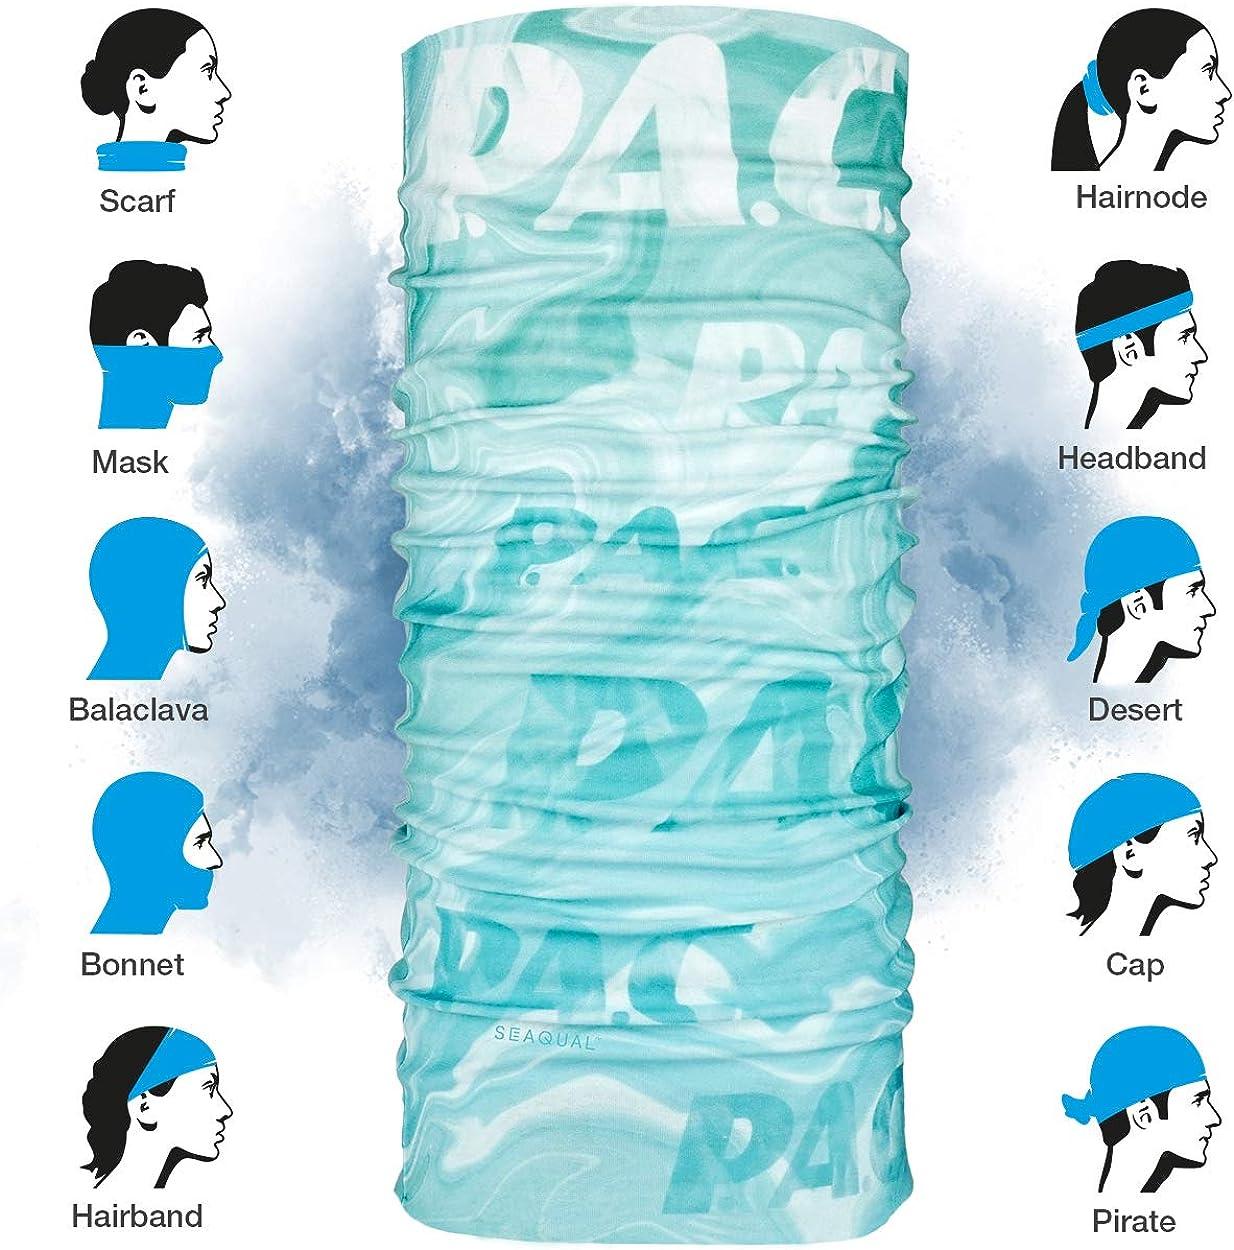 Kopftuch Unisex nachhaltiges Schlauchtuch verschiedenste Designs 10 Tragevarianten aus Meeresplastik hergestellt Stirnband Ocean Upcycling Multifunktionstuch Schal nahtloses Halstuch P.A.C